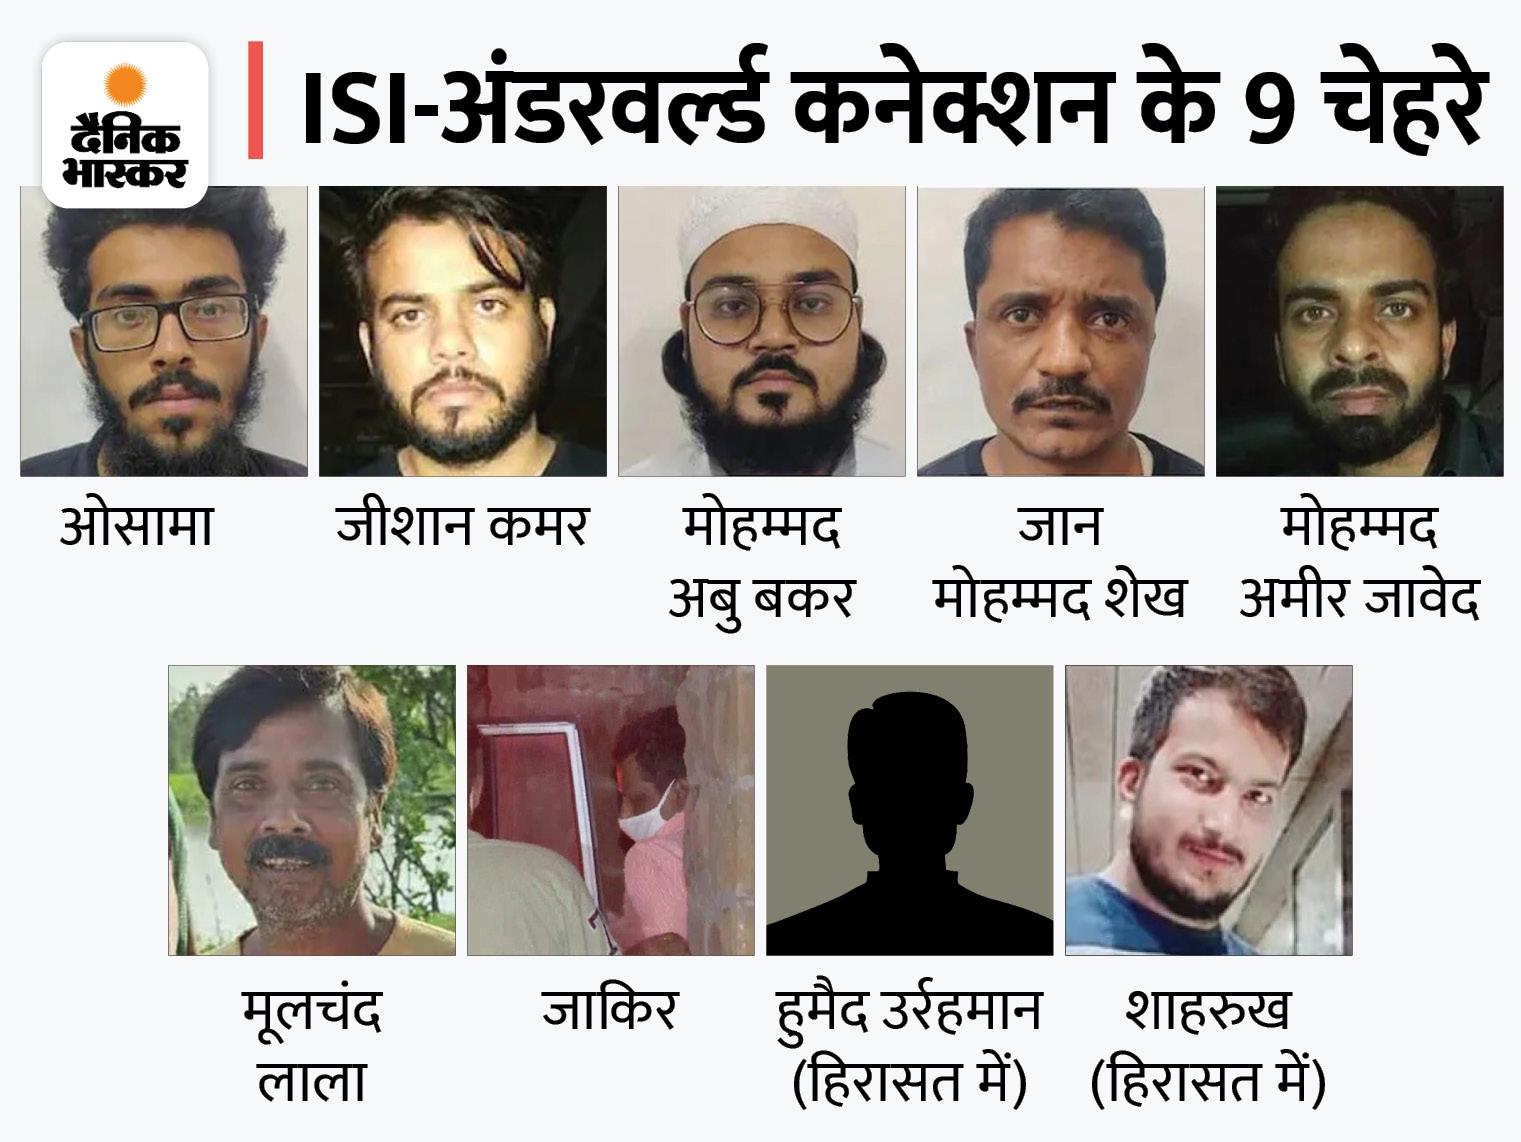 मुंबई से एक और संदिग्ध पकड़ा गया, प्रयागराज में एक वॉन्टेड का सरेंडर; एक अन्य संदिग्ध ने खुद को पुलिस को सौंपने का दावा किया|महाराष्ट्र,Maharashtra - Dainik Bhaskar